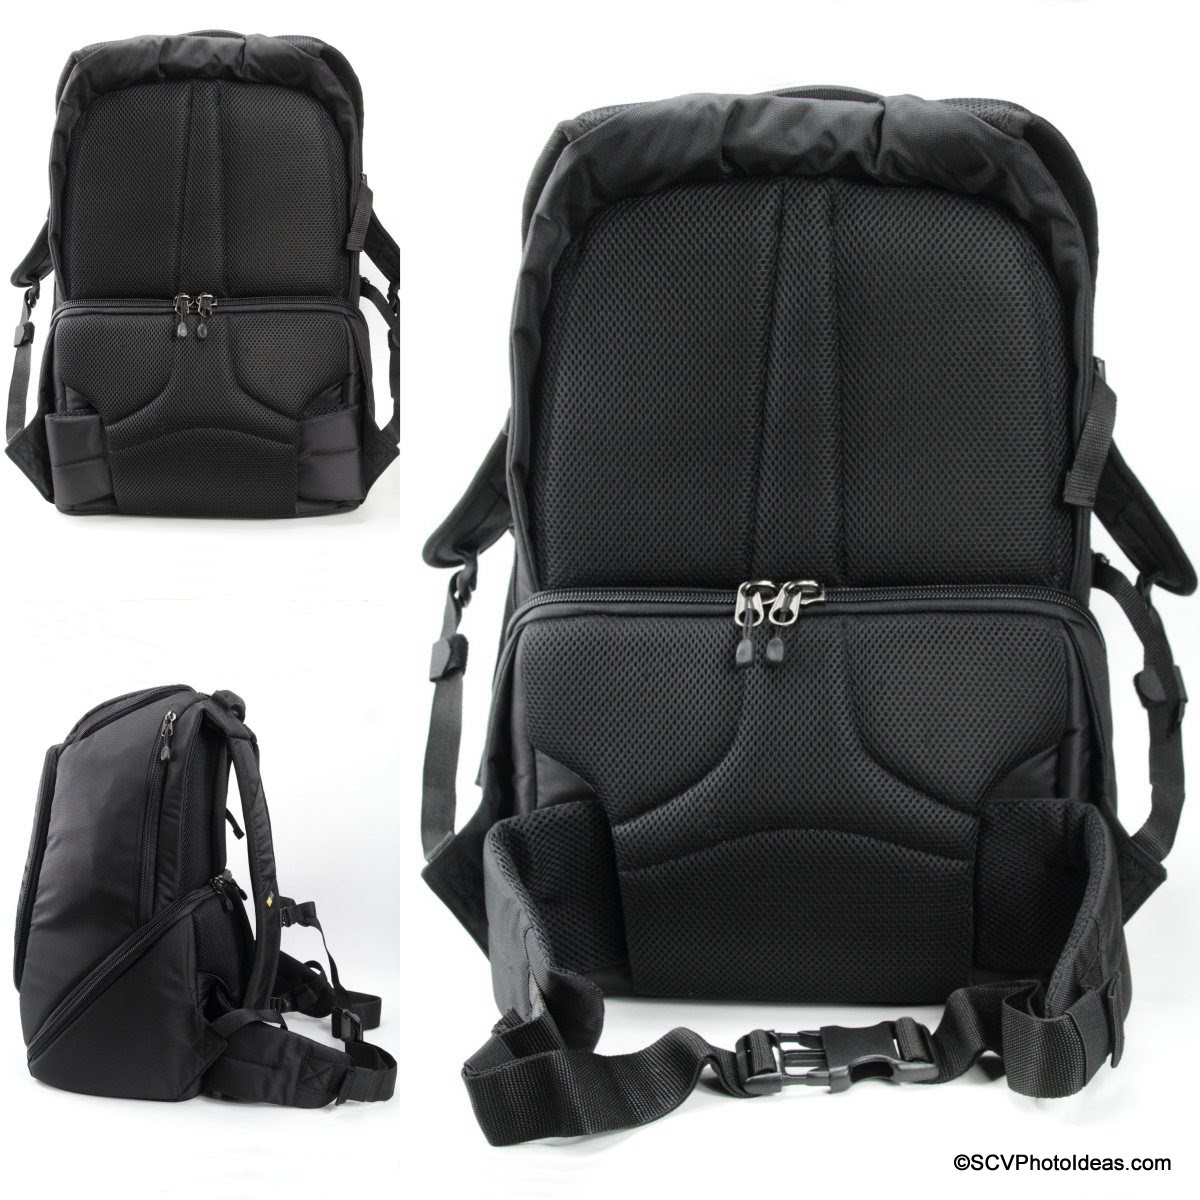 Case Logic DSB-103 back-panel and waist belt details